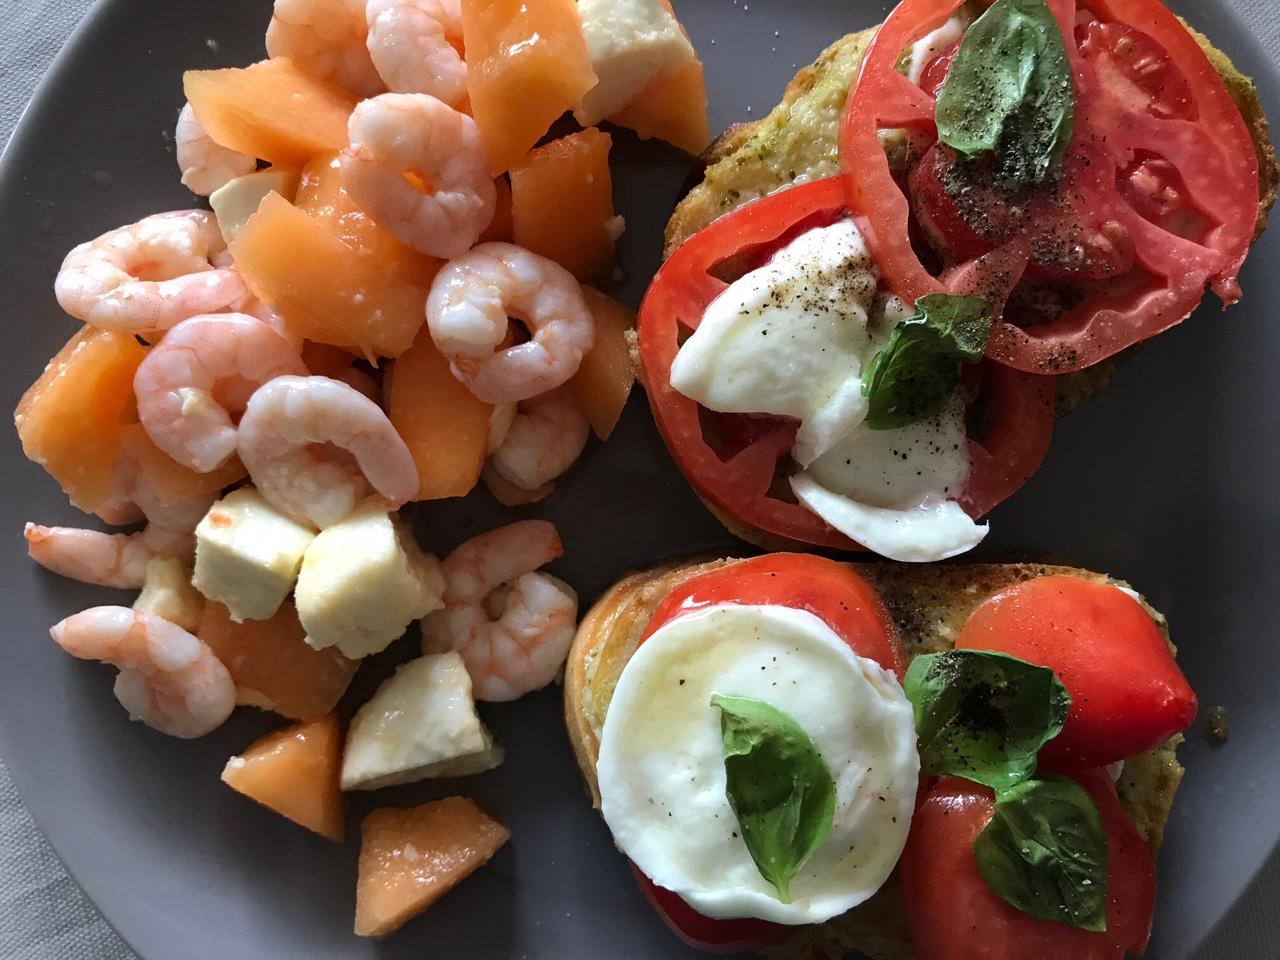 Pain perdu au pesto tomate mozza